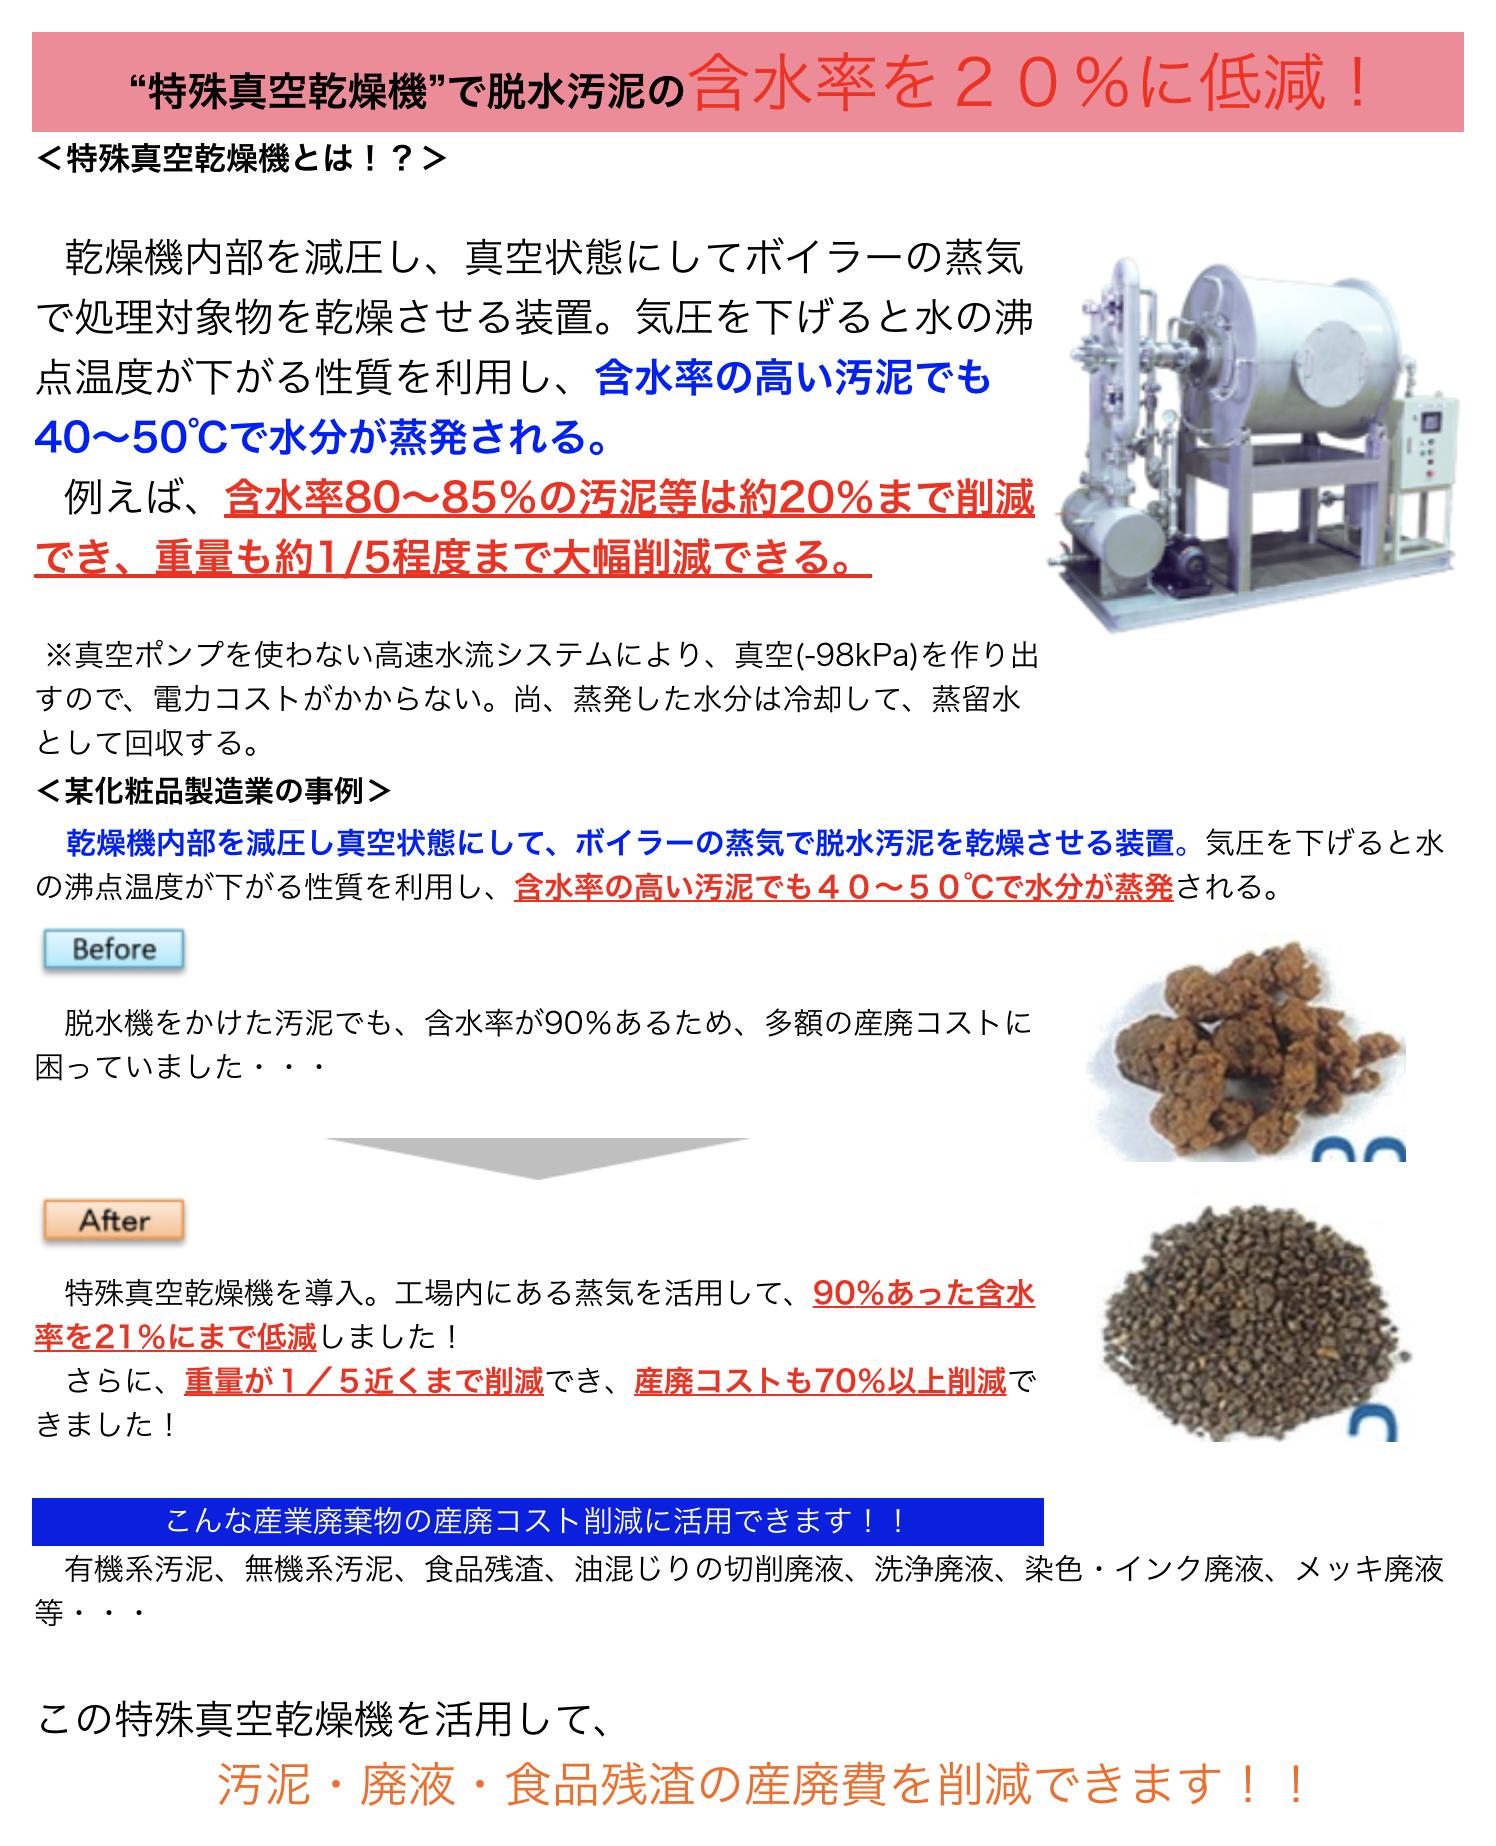 """""""特殊真空乾燥機""""で脱水汚泥の含水率を20%に低減 ! <特殊真空乾燥機とは!?>    乾燥機内部を減圧し、真空状態にしてボイラーの蒸気で処理対象物を乾燥させる装置。気圧を下げると水の沸点温度が下がる性質を利用し、含水率の高い汚泥でも40~50℃で水分が蒸発される。  例えば、含水率80~85%の汚泥等は約20%まで削減でき、重量も約1/5程度まで大幅削減できる。 102708 ※真空ポンプを使わない高速水流システムにより、真空(-98kPa)を作り出すので、電力コストがかからない。尚、蒸発した水分は冷却して、蒸留水として回収する。 <某化粧品製造業の事例>  乾燥機内部を減圧し真空状態にして、ボイラーの蒸気で脱水汚泥を乾燥させる装置。気圧を下げると水の沸点温度が下がる性質を利用し、含水率の高い汚泥でも40~50℃で水分が蒸発される。  102607  脱水機をかけた汚泥でも、含水率が90%あるため、多額の産廃コストに困っていました・・・ 102708 102609  102608  特殊真空乾燥機を導入。工場内にある蒸気を活用して、90%あった含水率を21%にまで低減しました!  さらに、重量が1/5近くまで削減でき、産廃コストも70%以上削減できました! 102709 こんな産業廃棄物の産廃コスト削減に活用できます!!  有機系汚泥、無機系汚泥、食品残渣、油混じりの切削廃液、洗浄廃液、染色・インク廃液、メッキ廃液等・・・ この特殊真空乾燥機を活用して、  汚泥・廃液・食品残渣の産廃費を削減できます!!"""